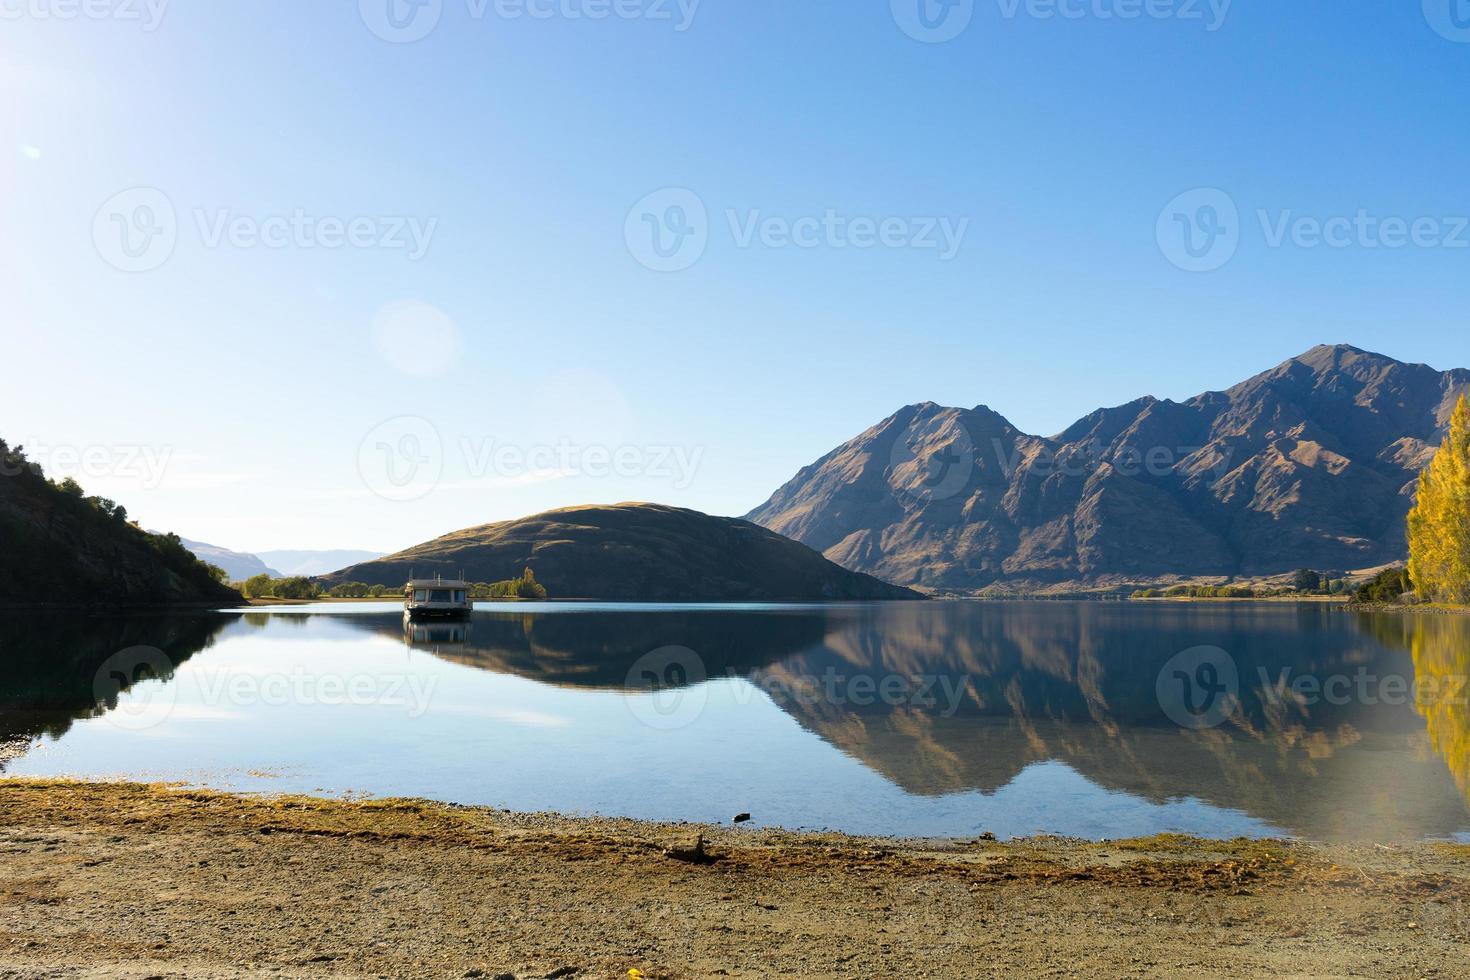 Picturesque landscape photo